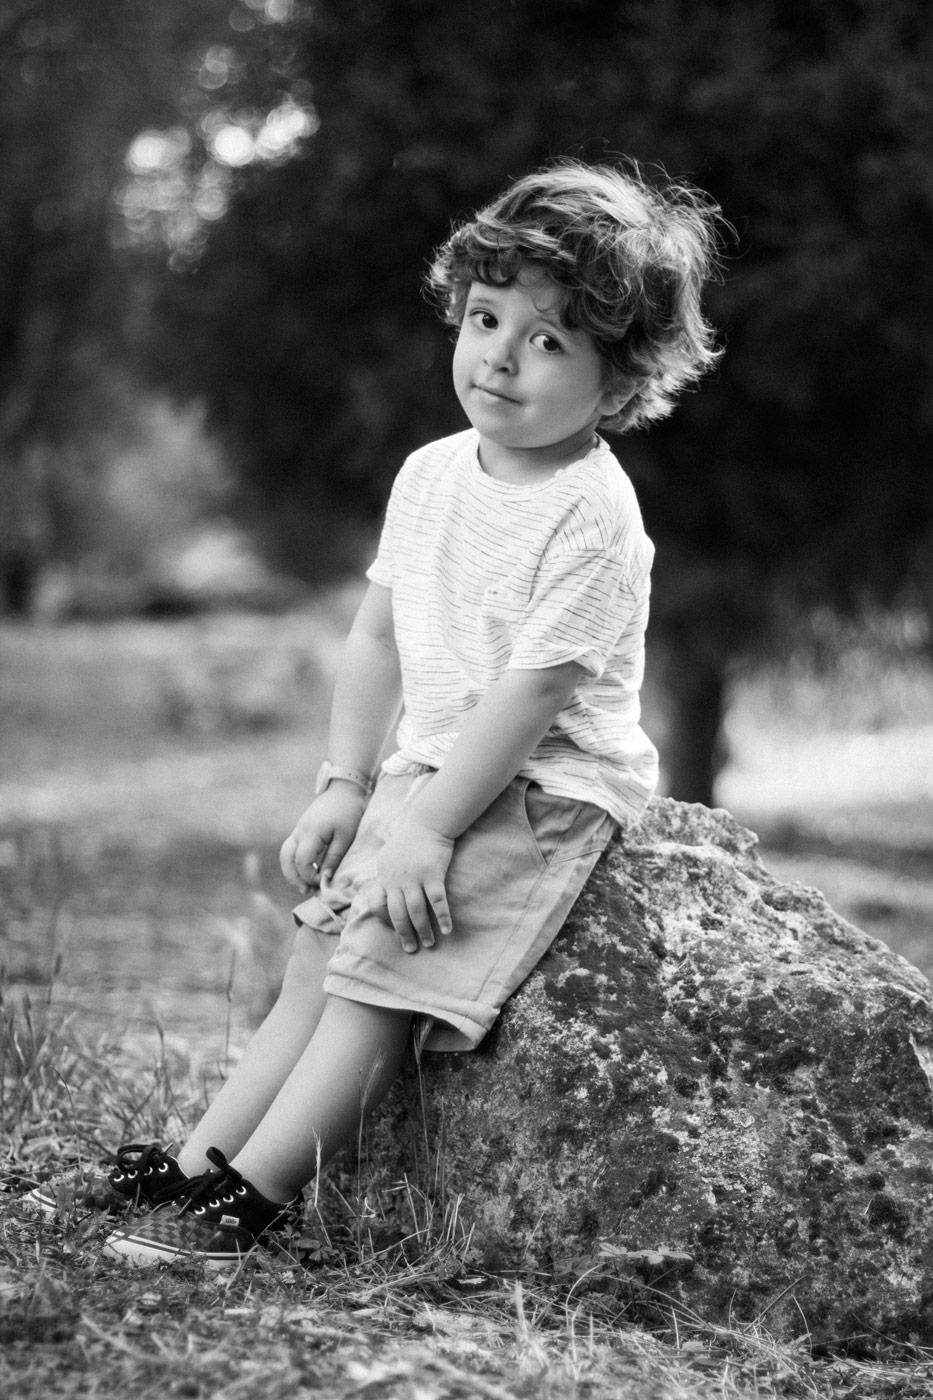 niño sentado en una piedra en el campo en blanco y negro